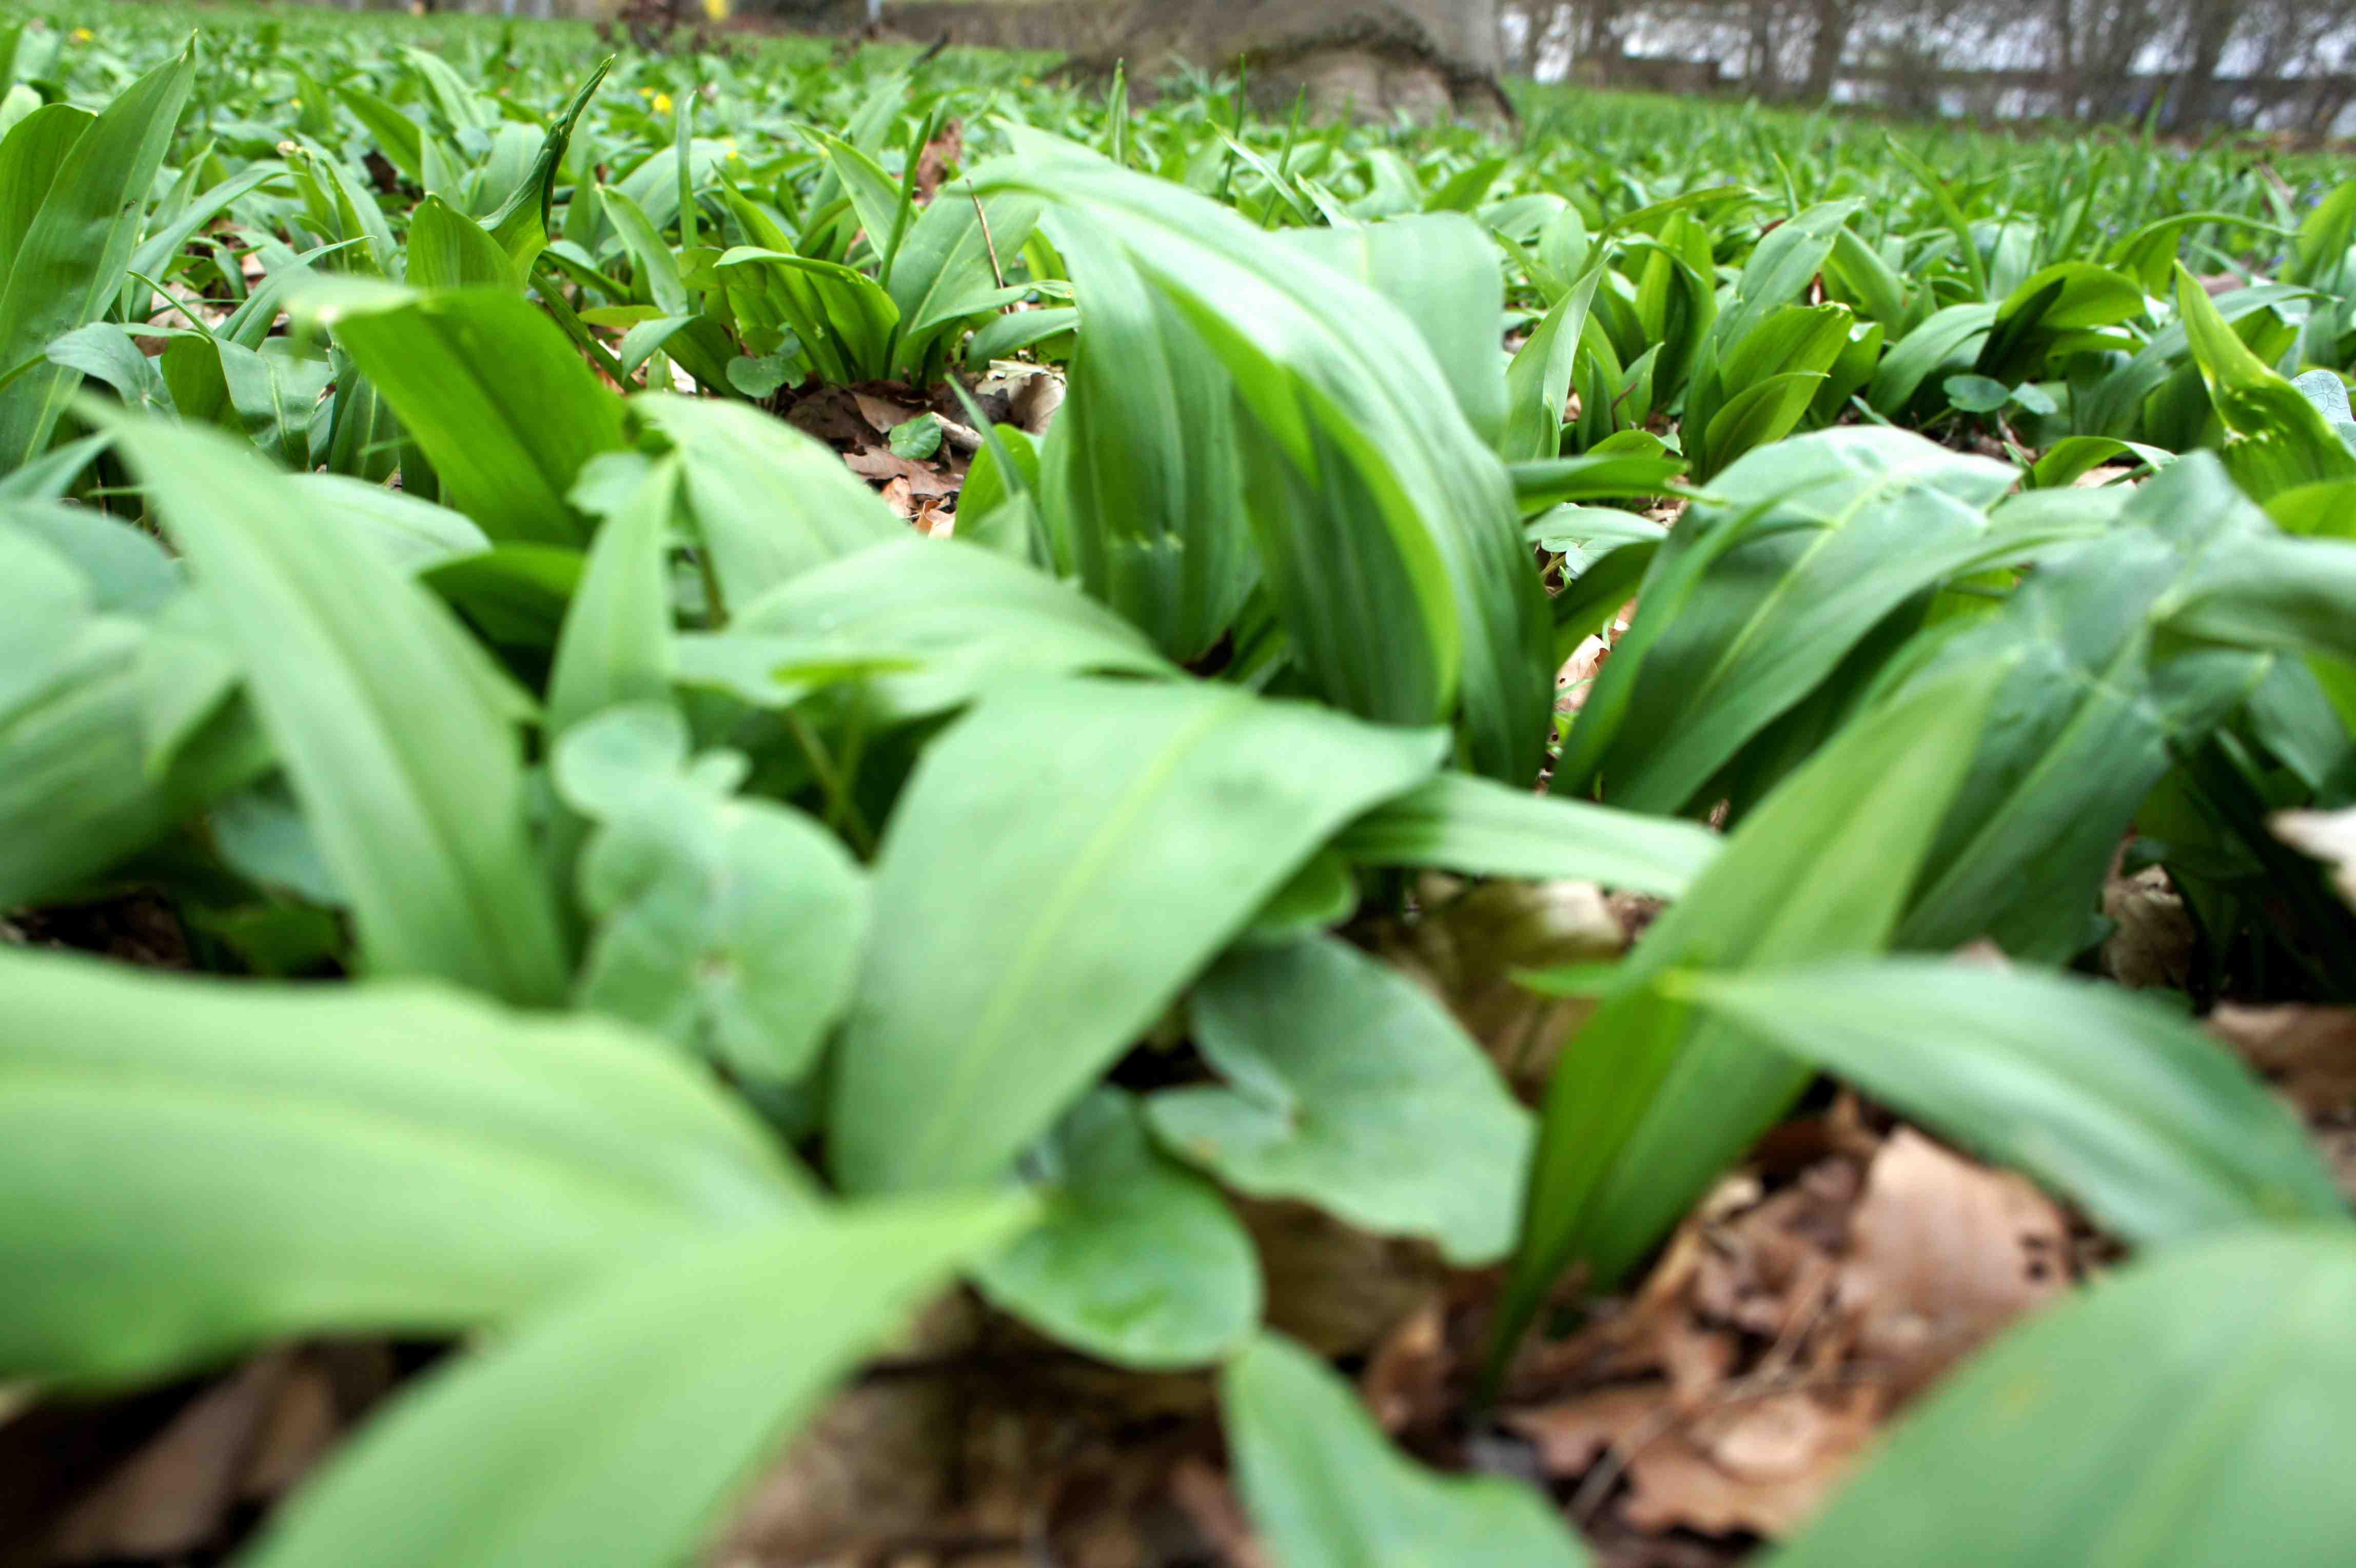 Hier wächst frischer Bärlauch. Die ideale Grundlage für ein geniales Bärlauch-Pesto. Foto: (c) Kinderoutdoor.de